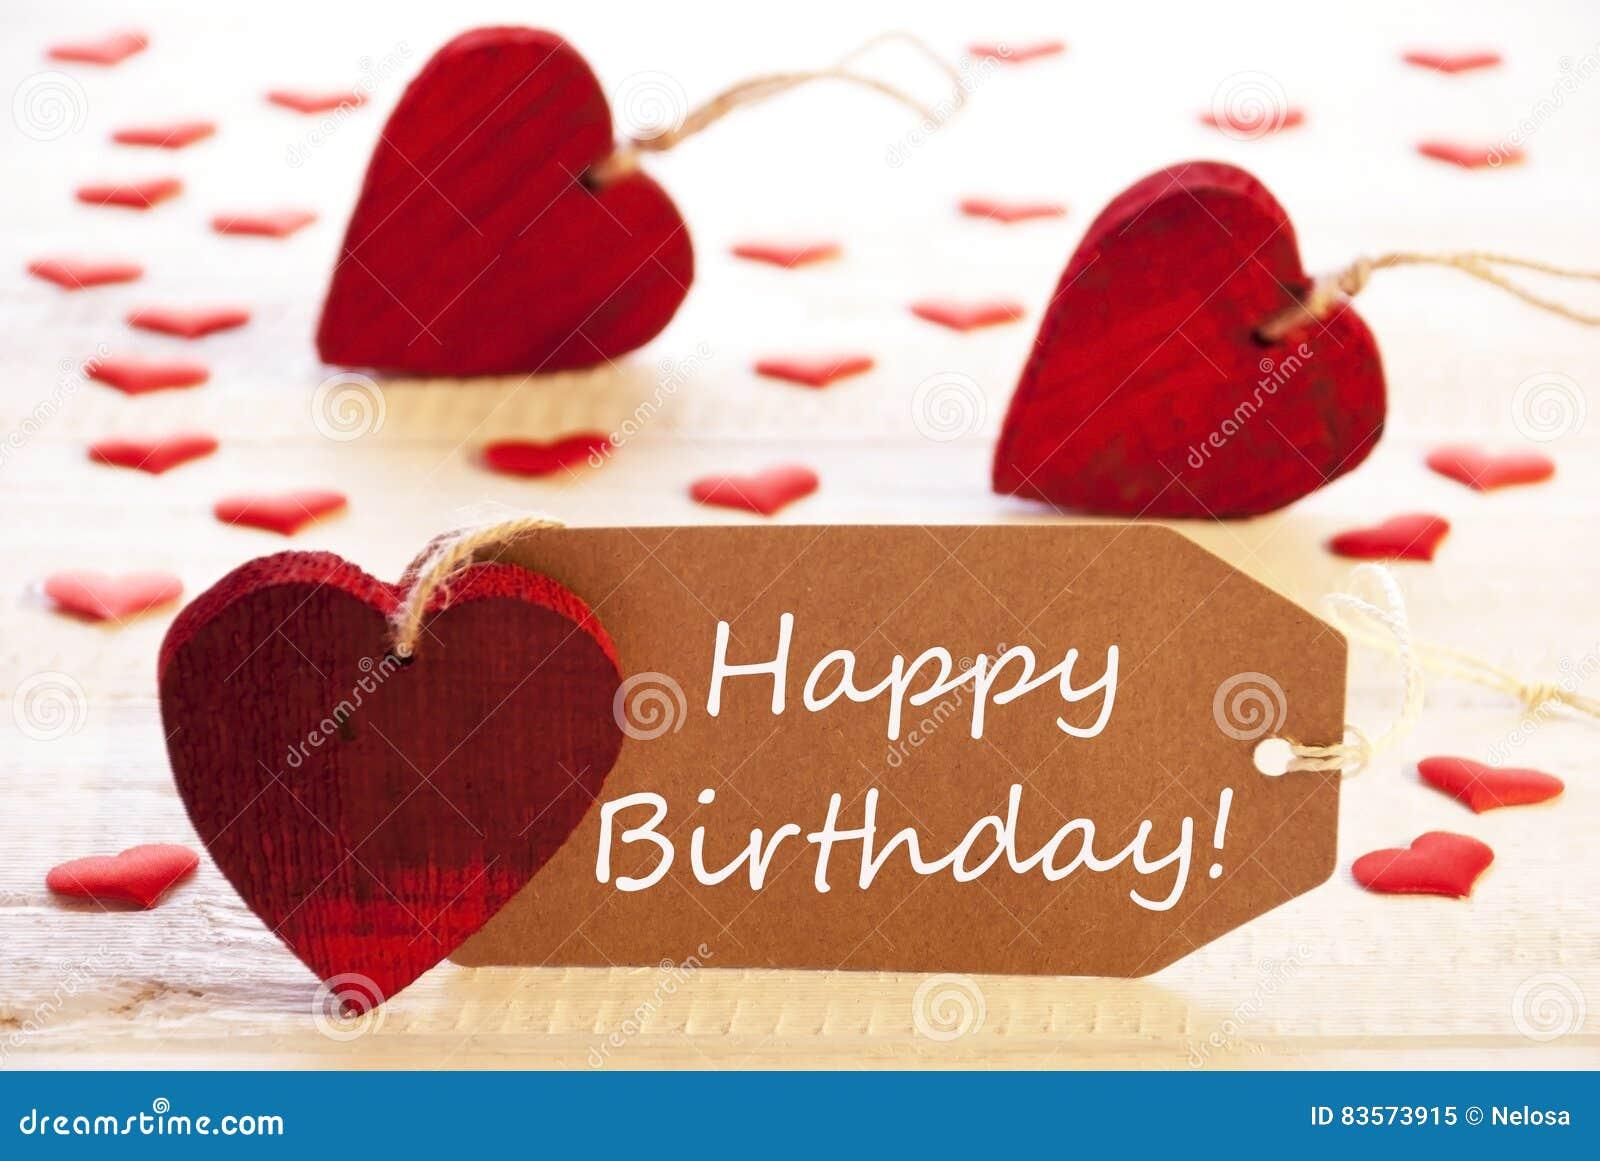 Aufkleber Mit Vielen Rotes Herz Simsen Alles Gute Zum Geburtstag